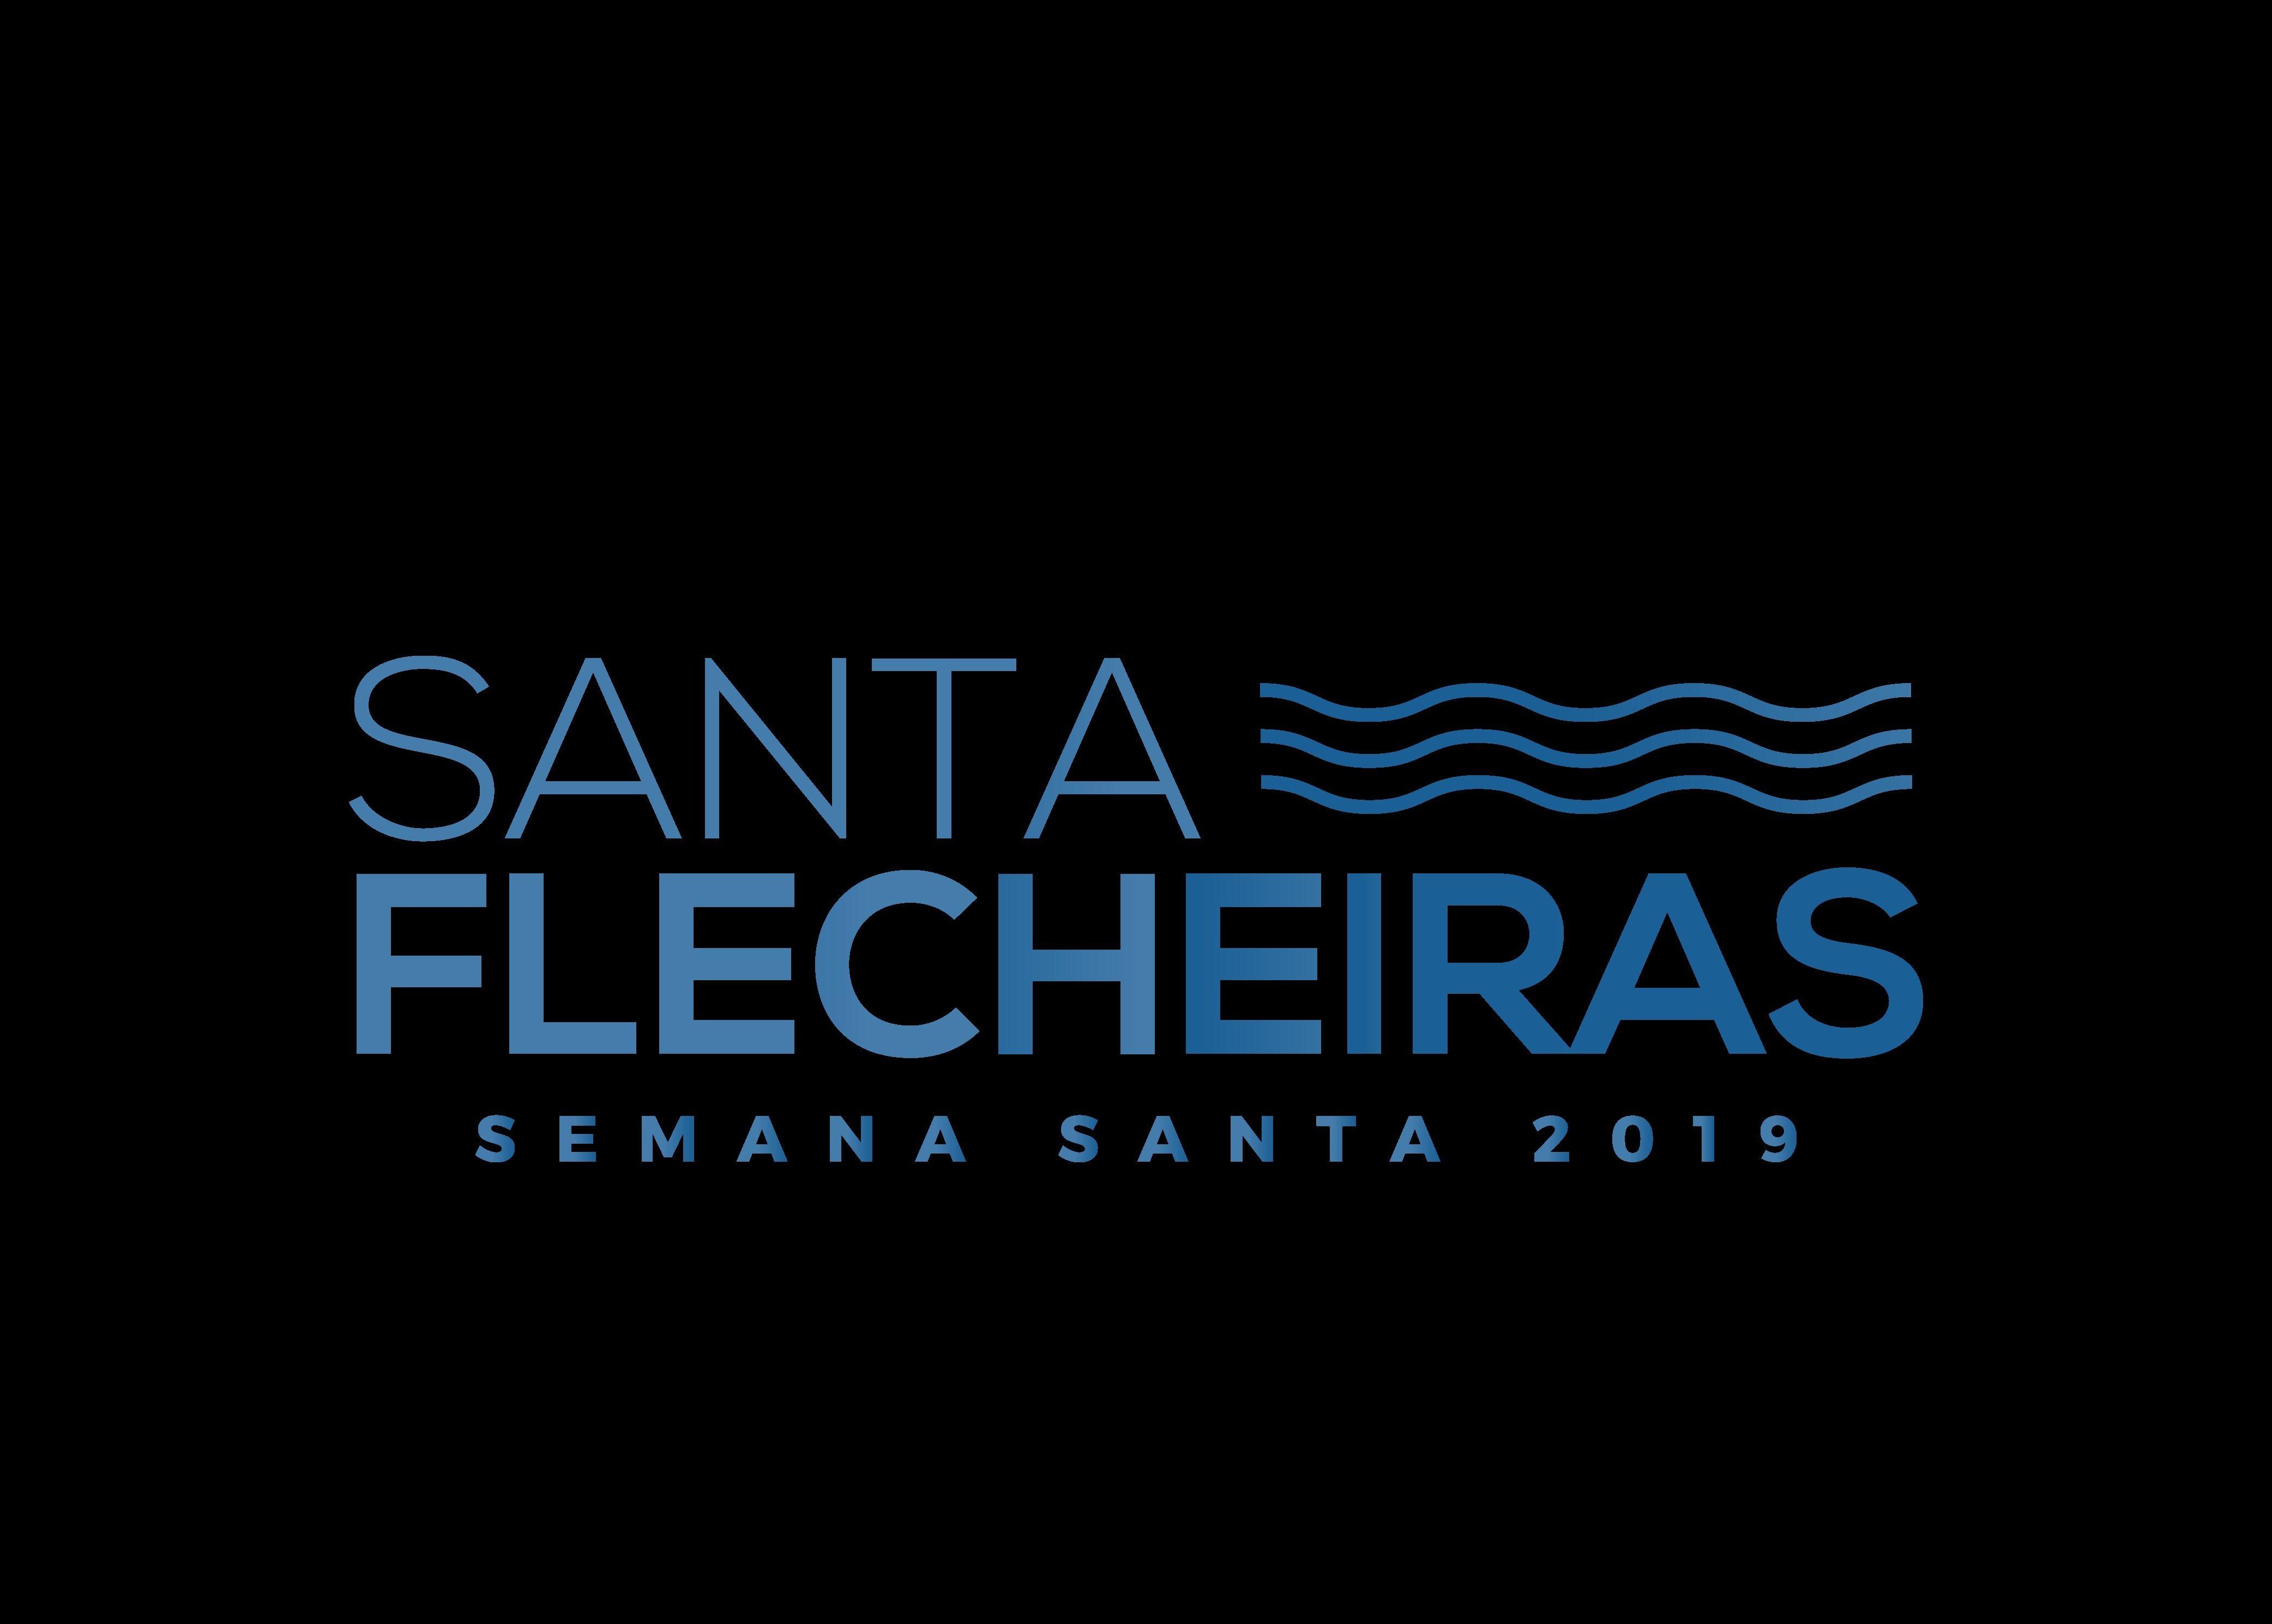 Festa Bons Ventos abre o 'Santa Flecheiras'